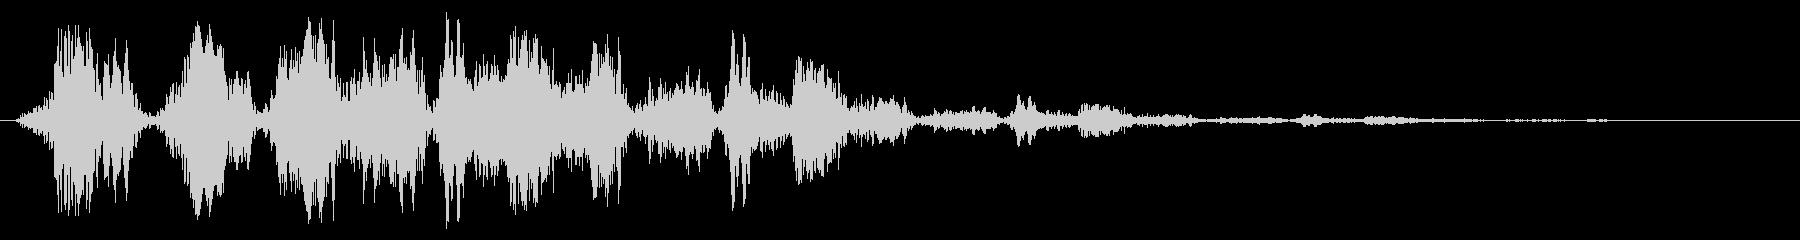 ぴゅるるるるるんー魔法音(軽め)の未再生の波形